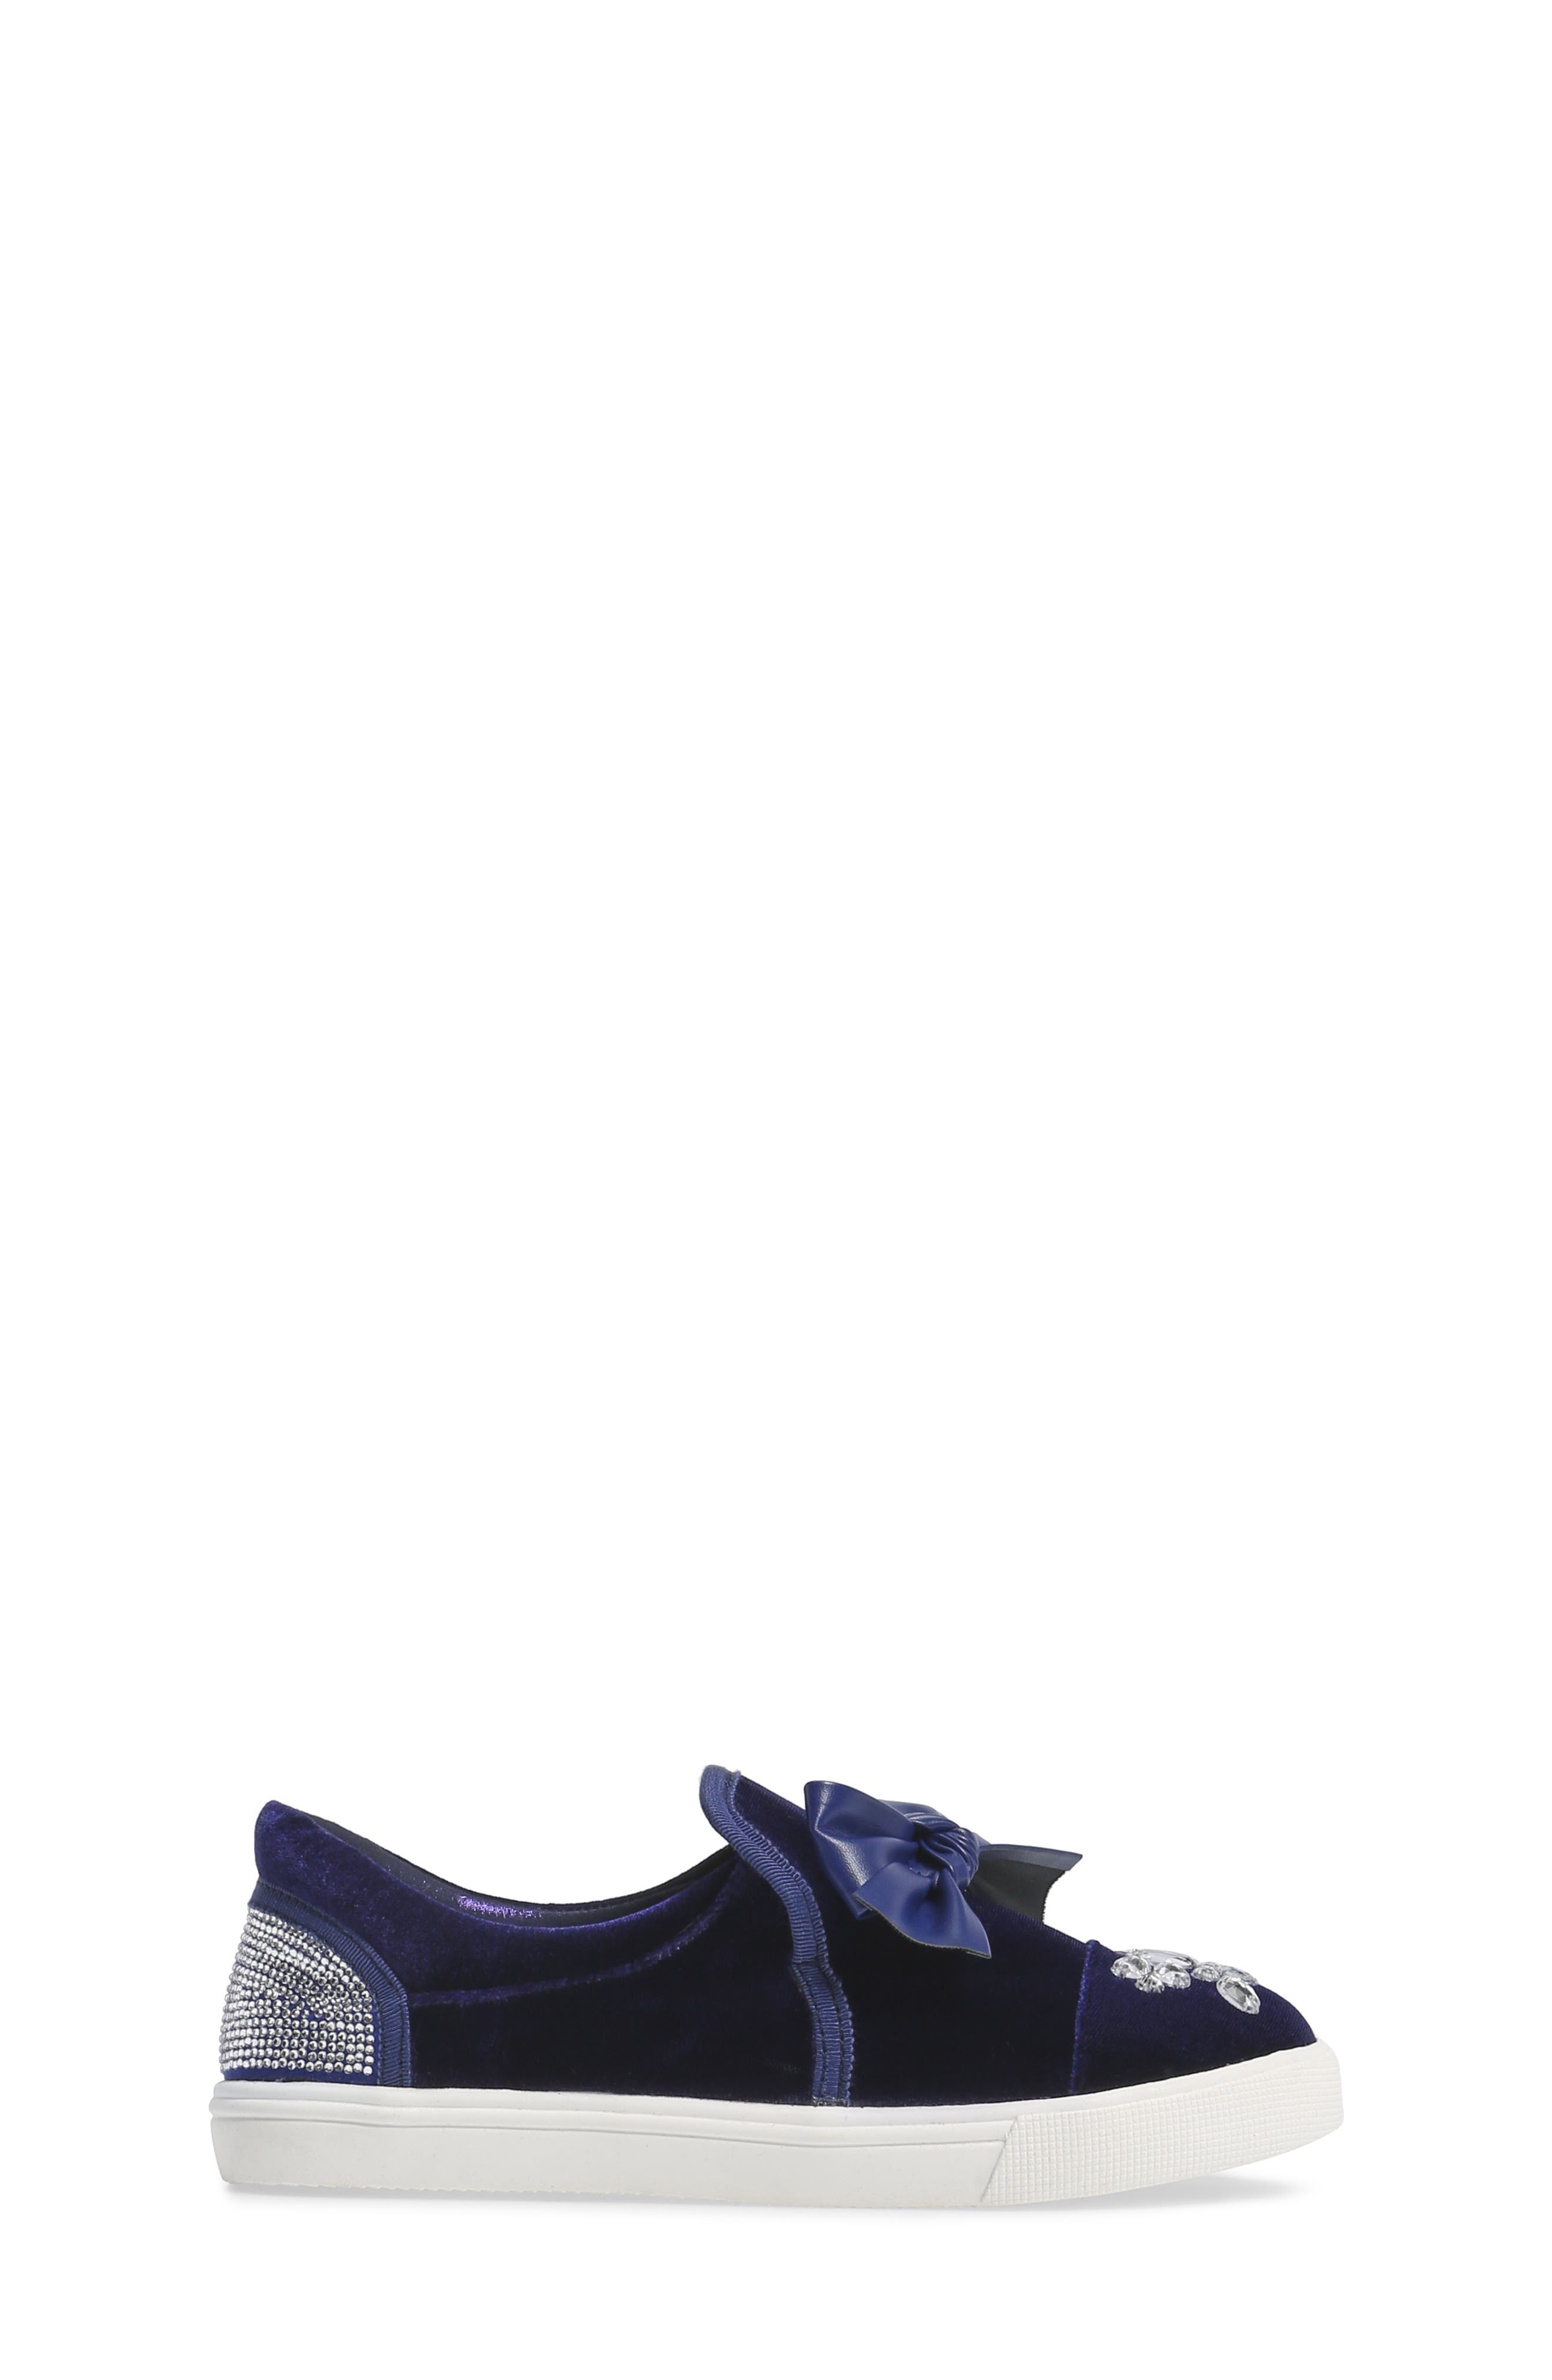 Alternate Image 3  - Badgley Mischka Delight Embellished Slip-On Sneaker (Toddler, Little Kid & Big Kid)